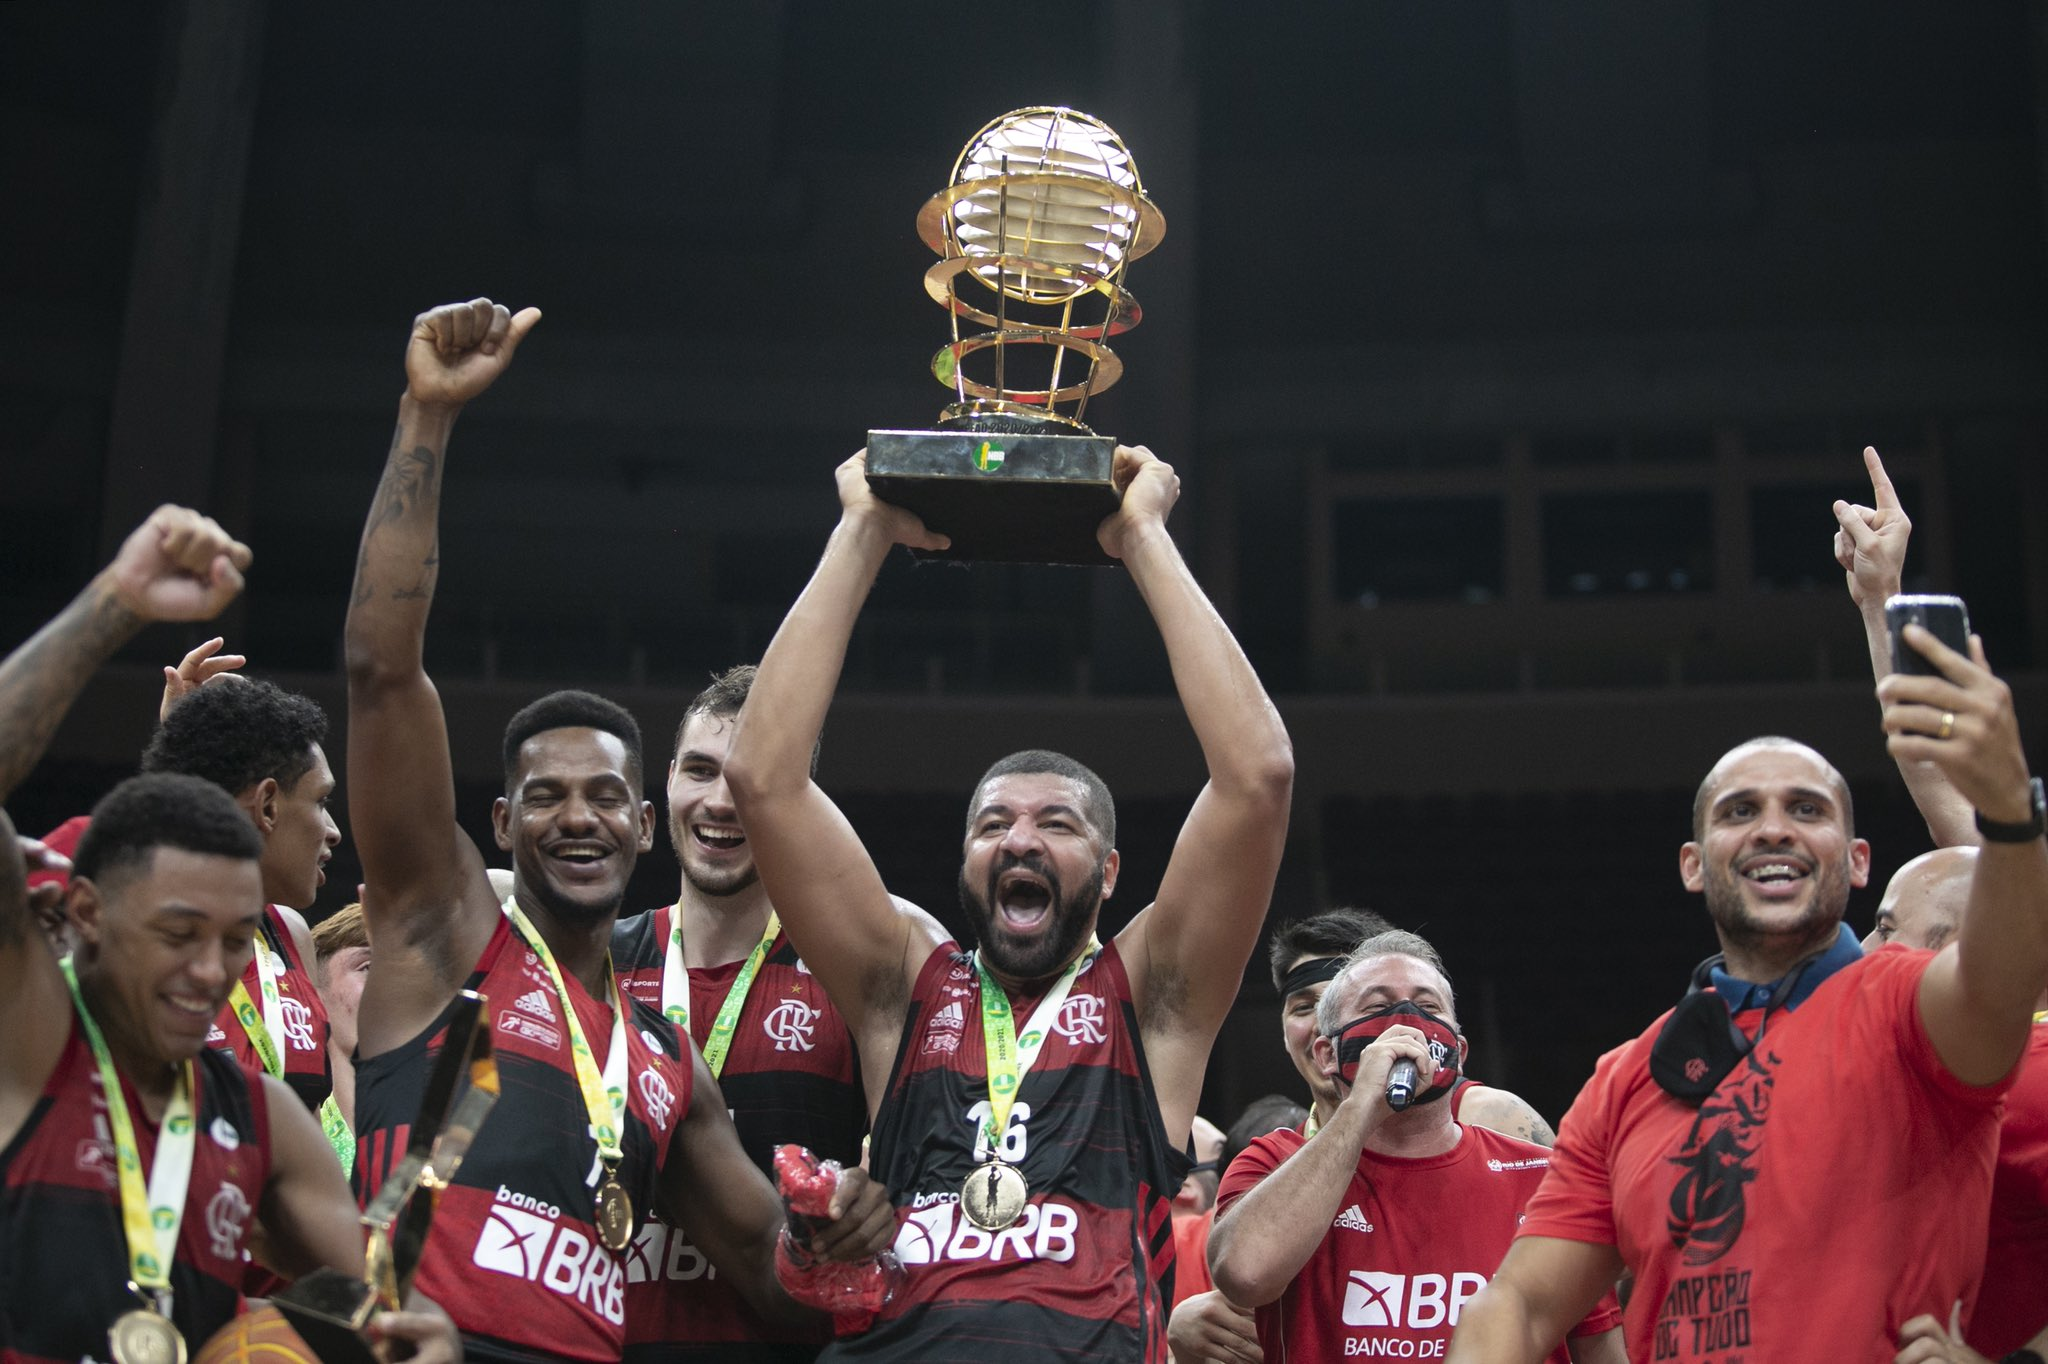 Jogadores do Flamengo levantando o troféu do NBB